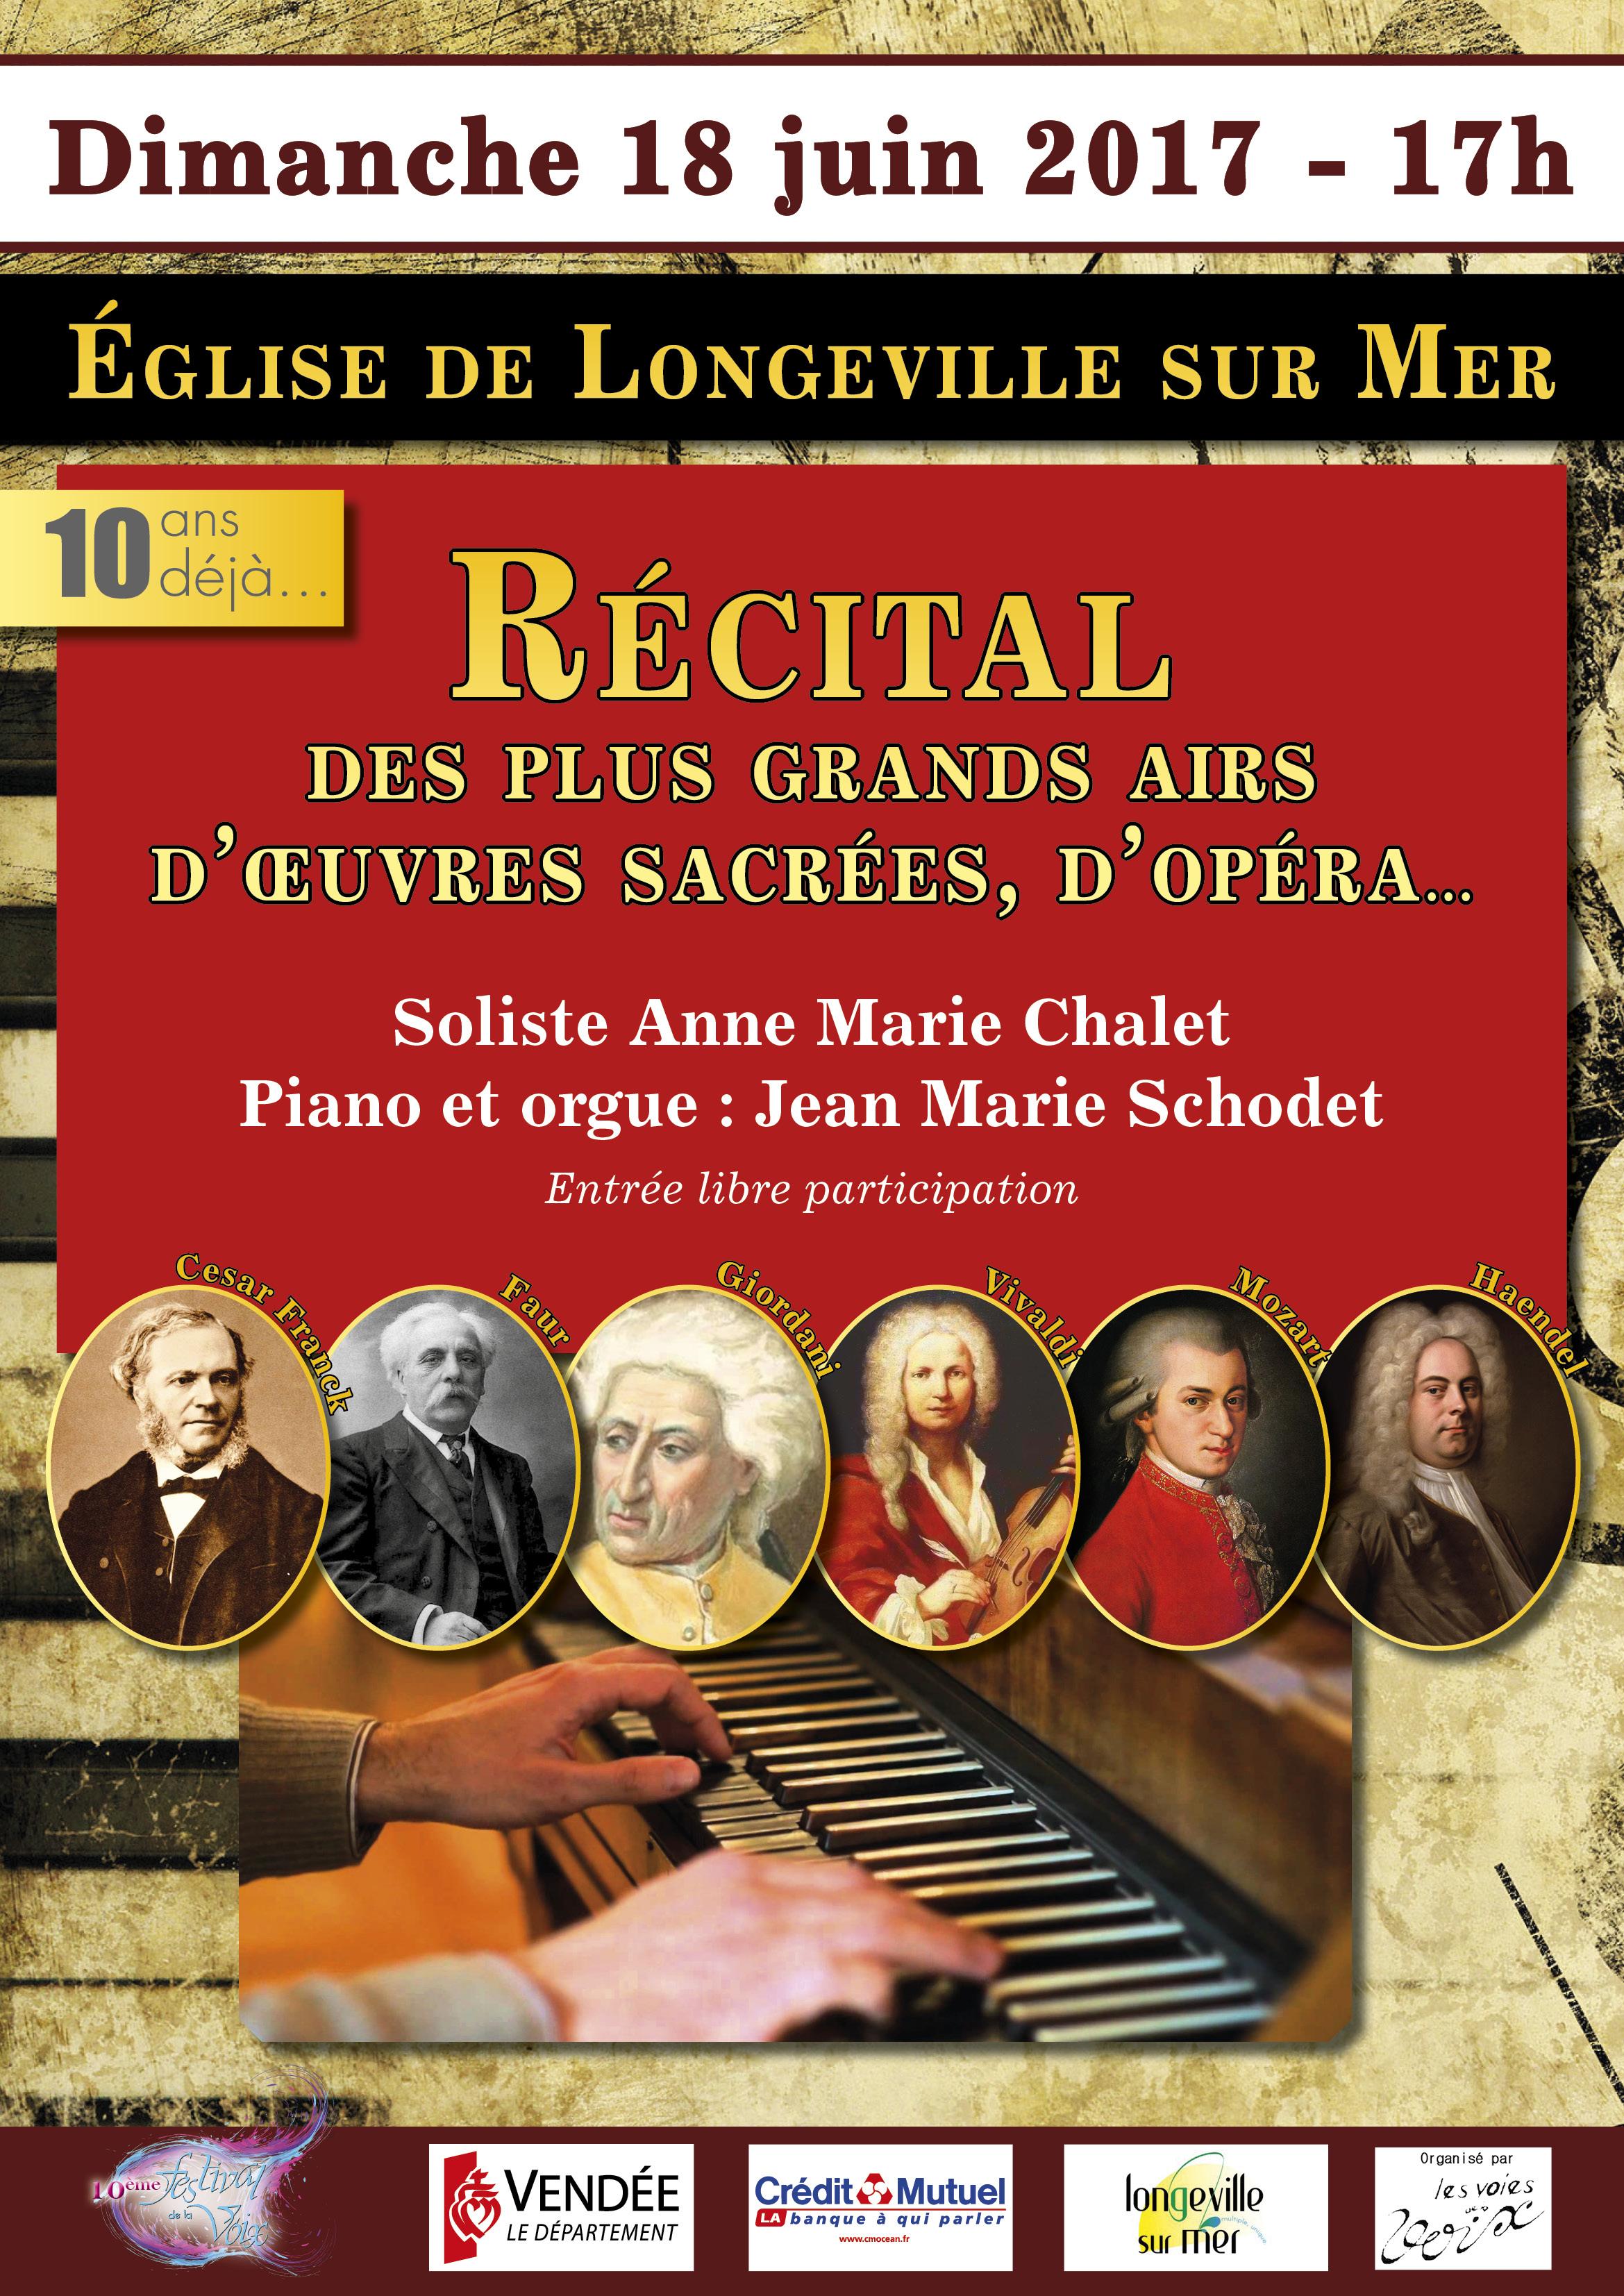 Longeville-sur-Mer: concert de musique classique dimanche 18 juin à 17h00